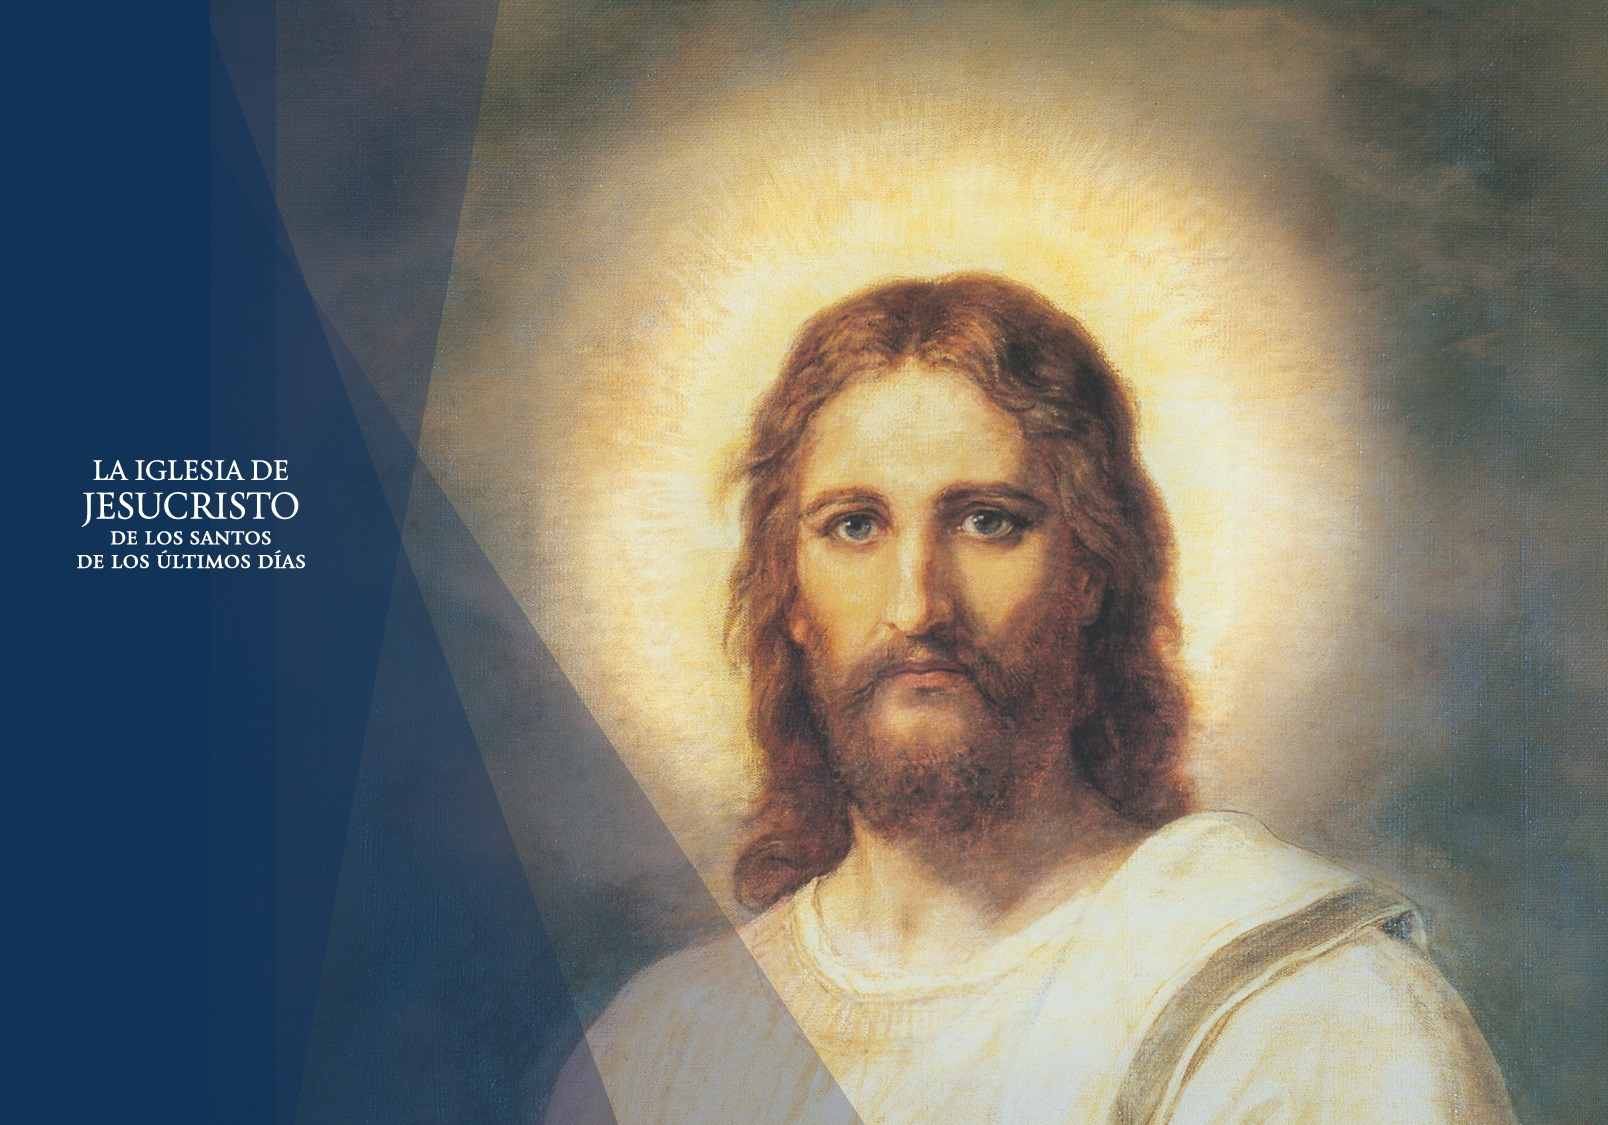 La Iglesia de Jesucristo en Facebook y en español